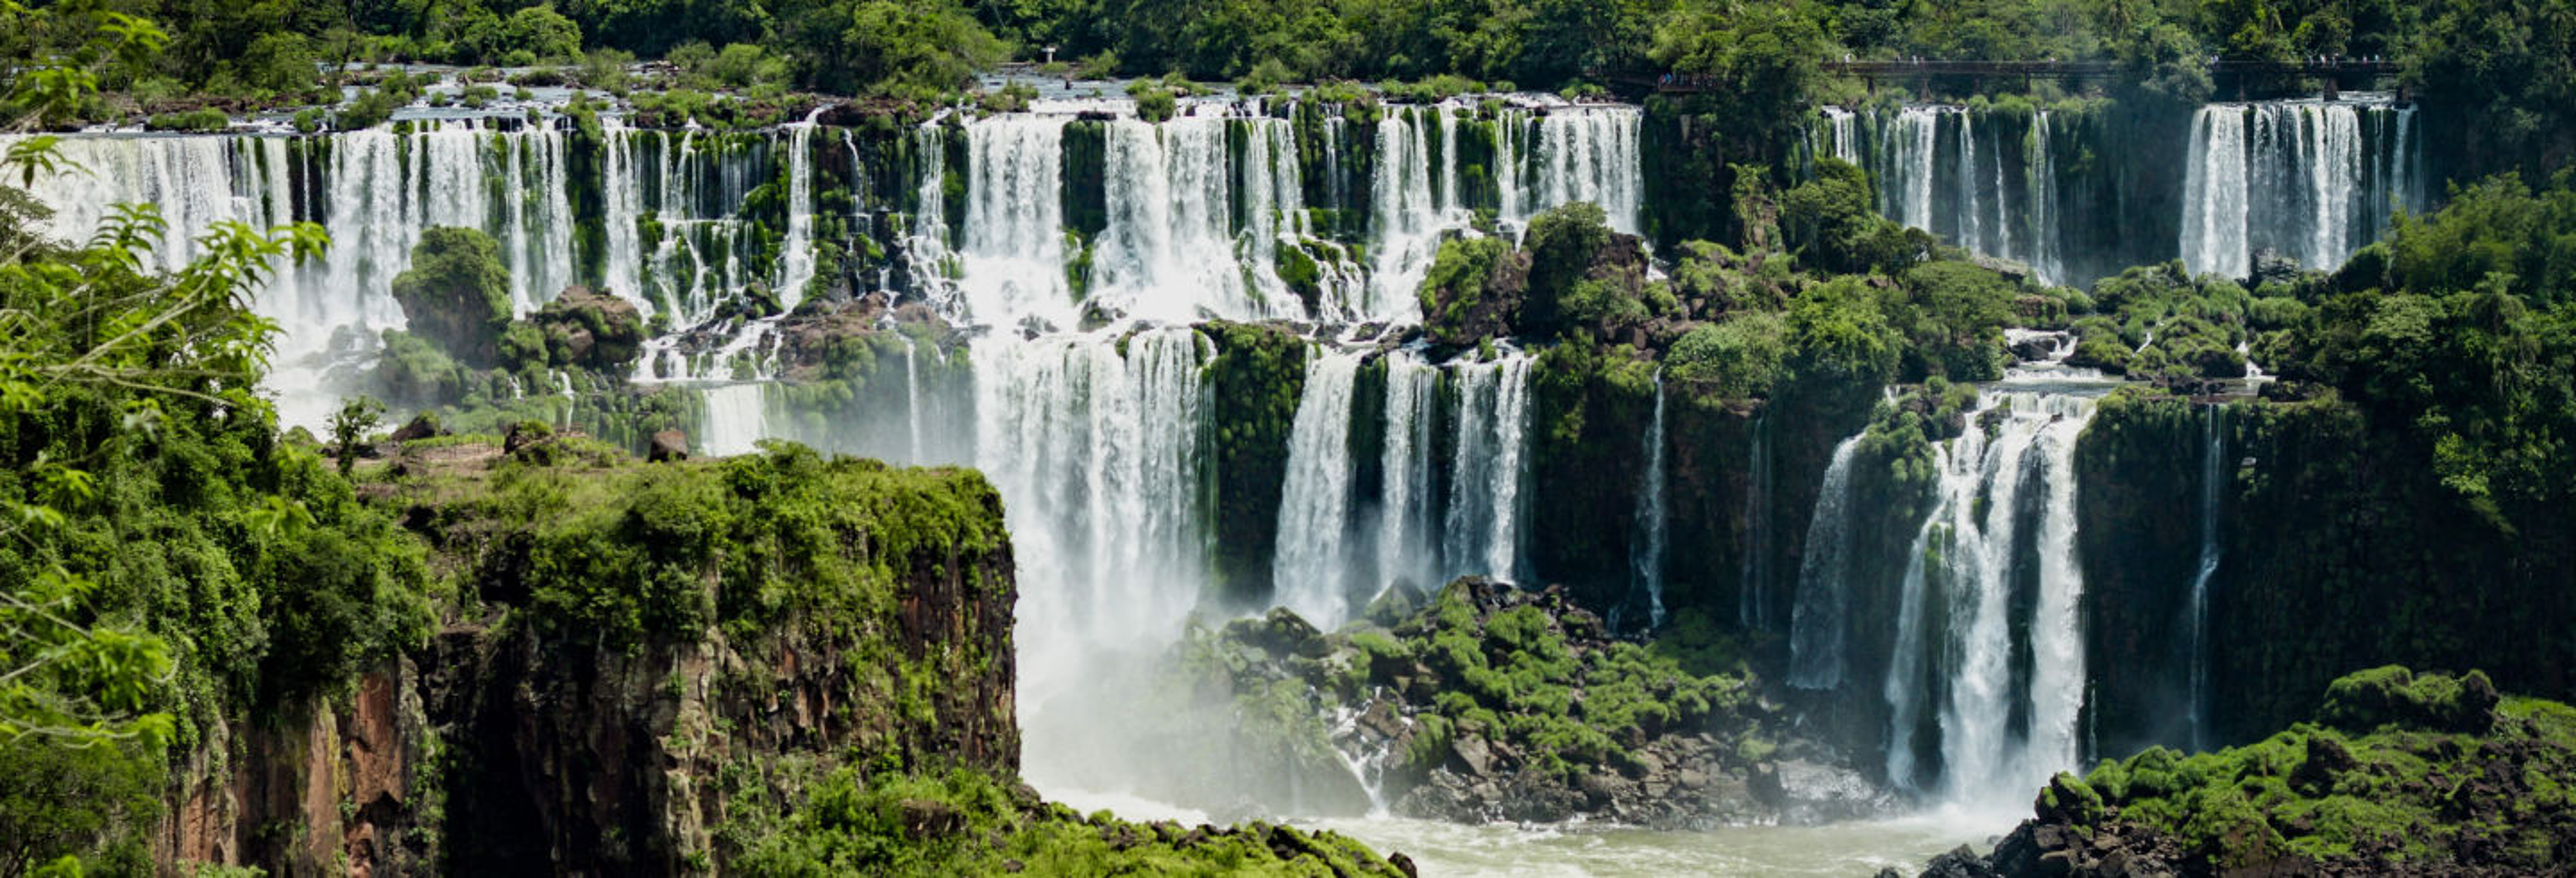 Ingresso das Cataratas do Iguaçu (lado brasileiro)